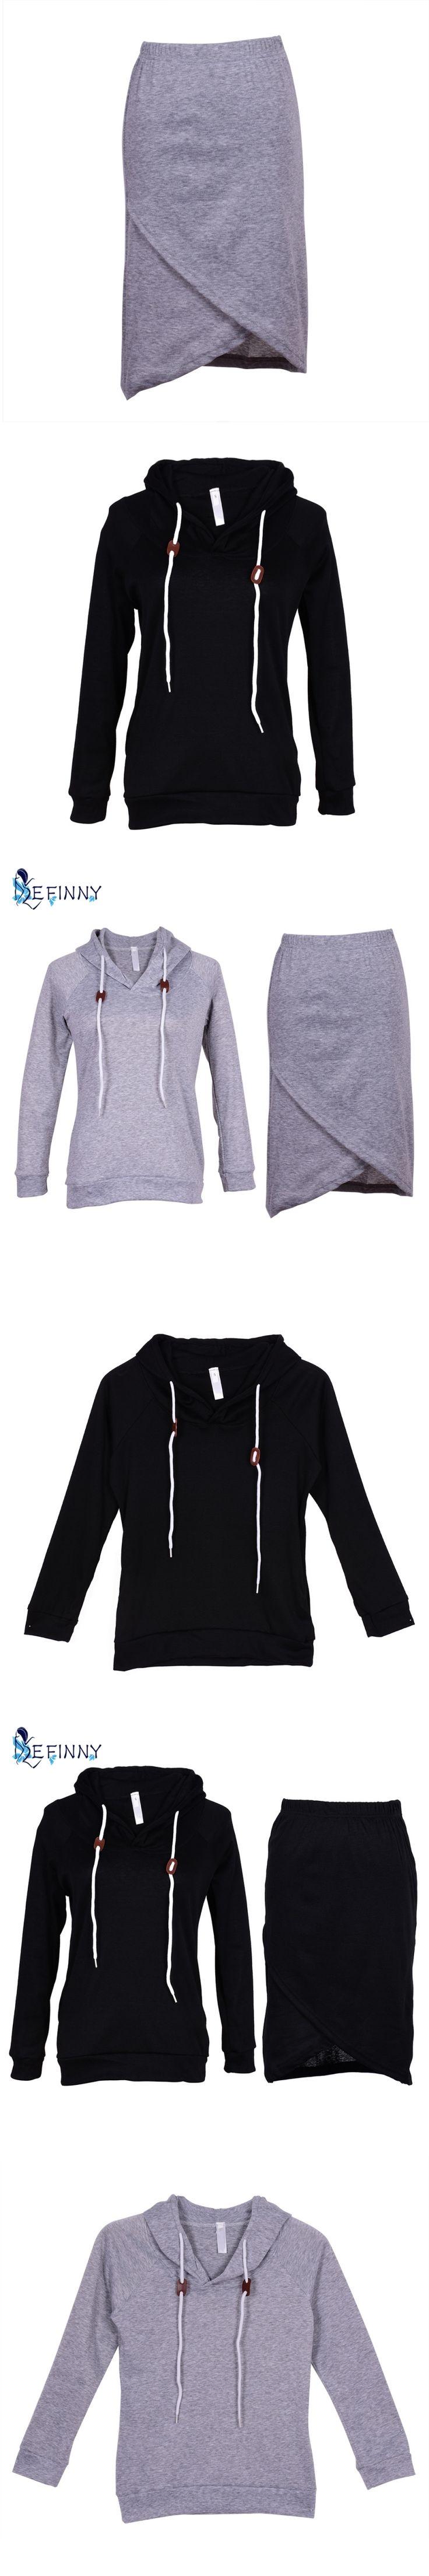 Women Clothes Sets 2PCS Autumn Activewear Suit Sweatshirt Tracksuit Tops Blouse+Skirt